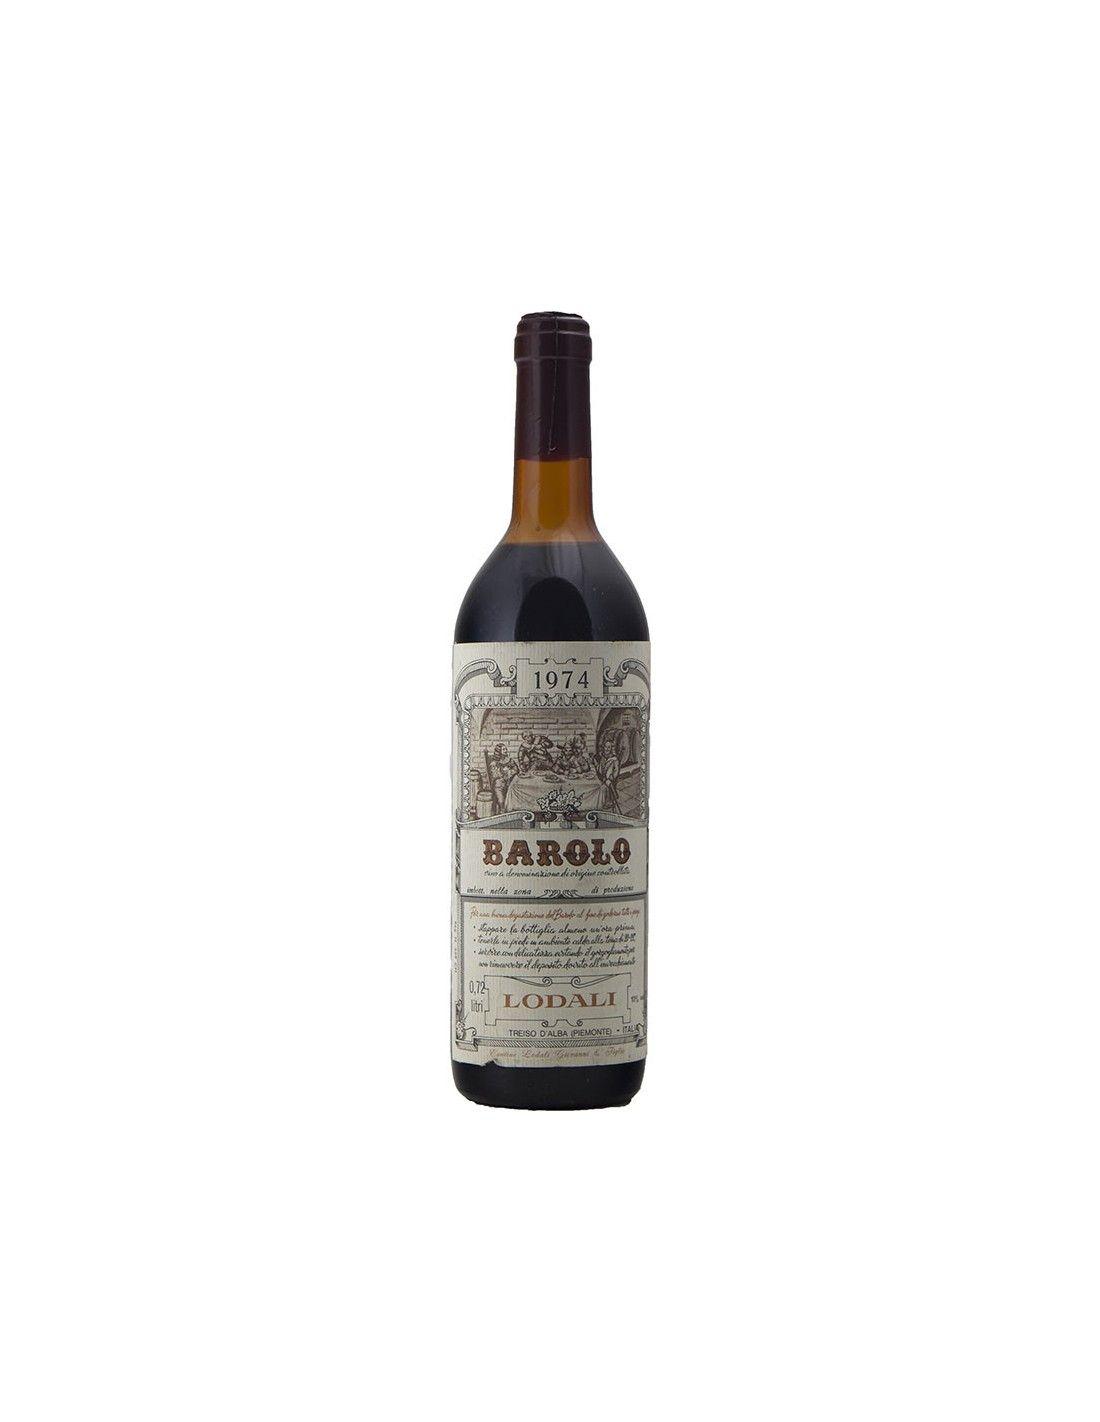 BAROLO 1974 LODALI Grandi Bottiglie